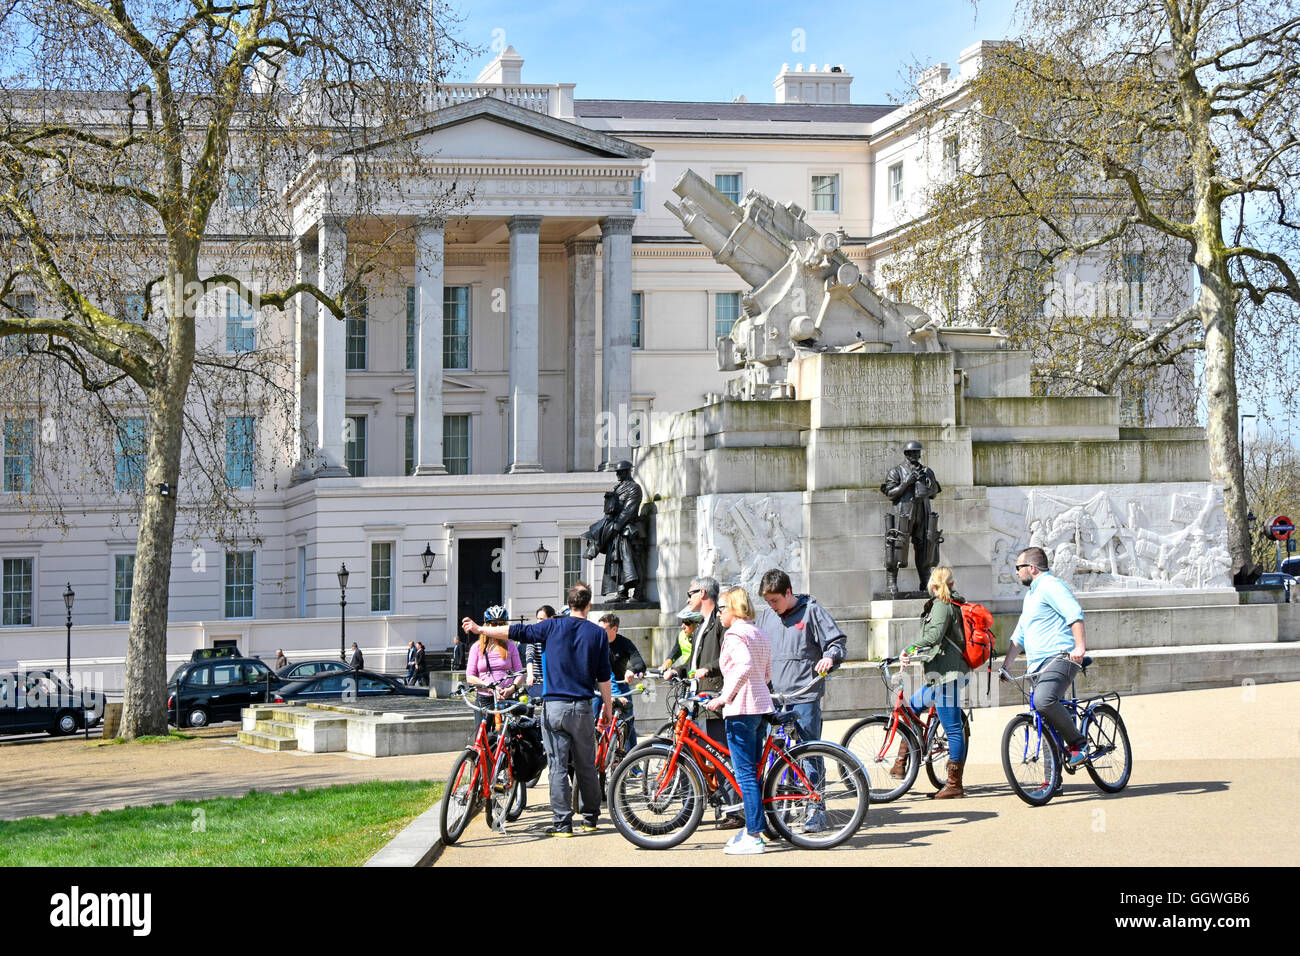 Guida turistica (rivolto) con ciclo gruppo turistico accanto al Royal Artillery Memorial a Hyde Park Corner London Immagini Stock